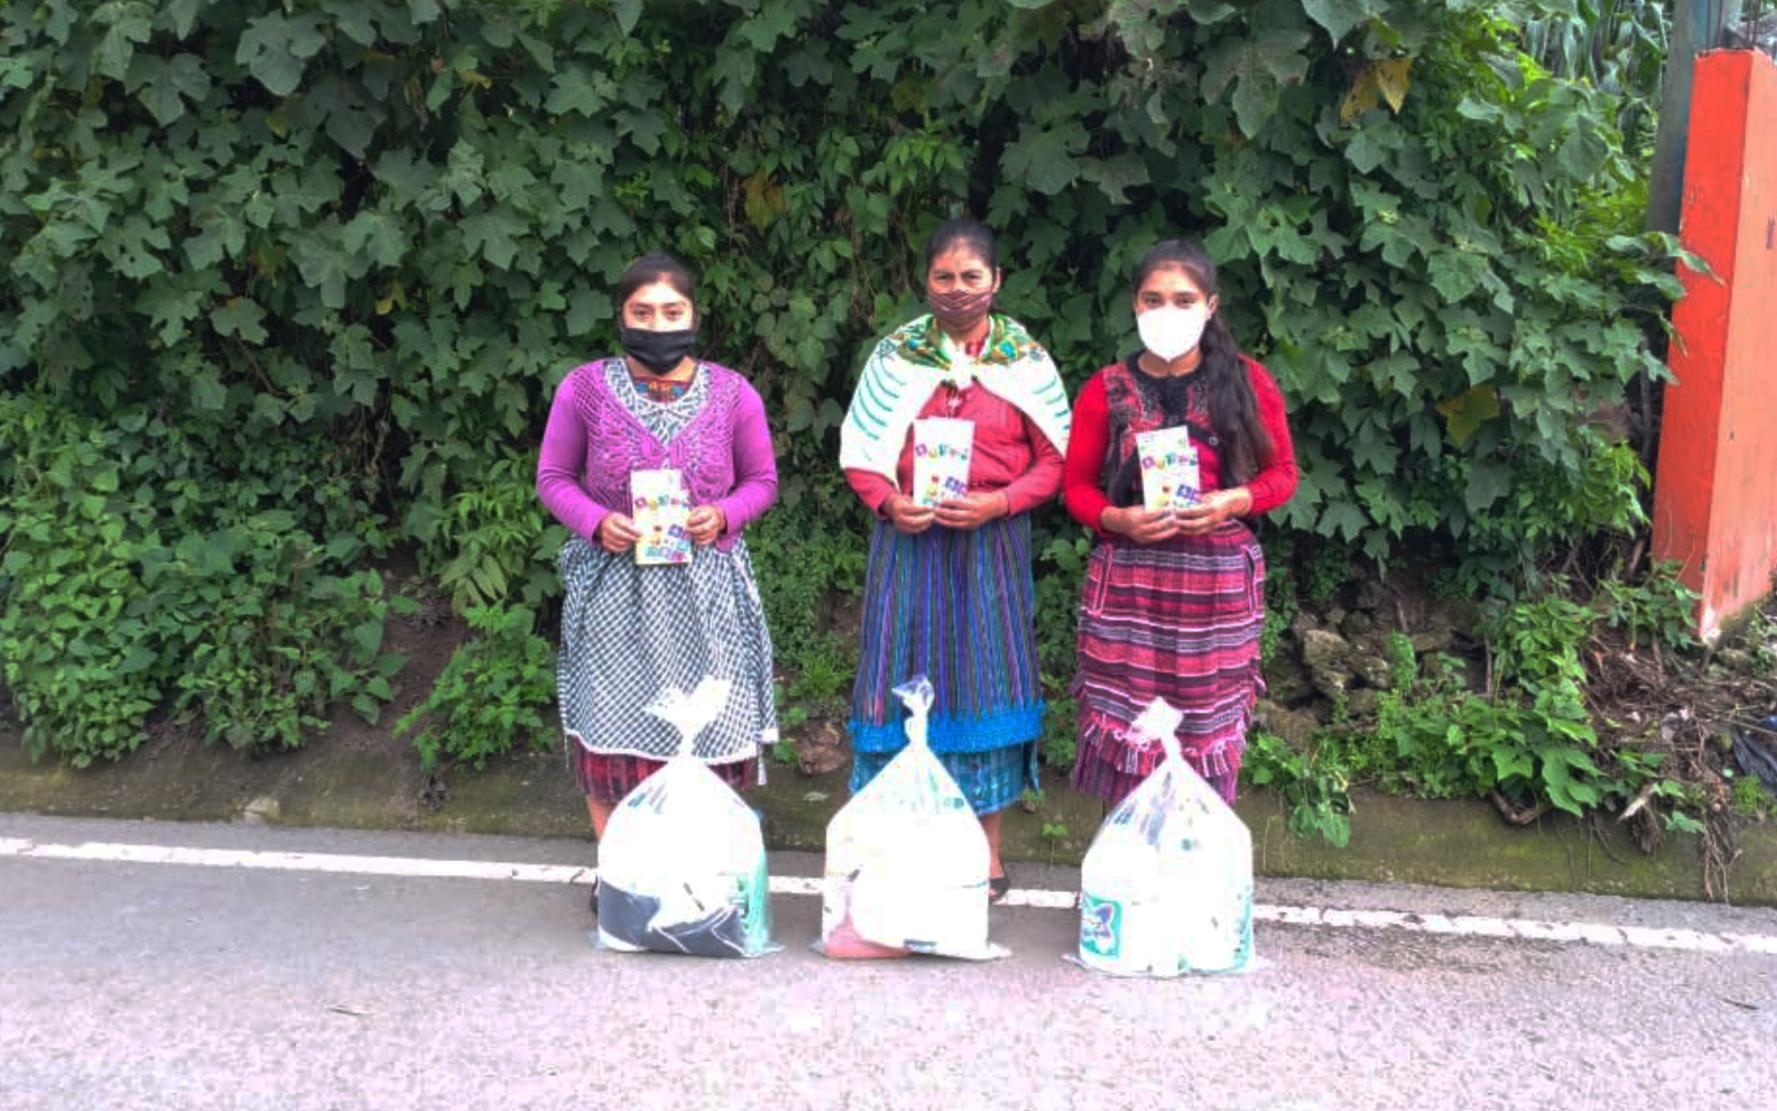 PAMI y CEIPA realizan tercera entrega de kits de higiene a adolescentes de 7 municipios de Quetzaltenango